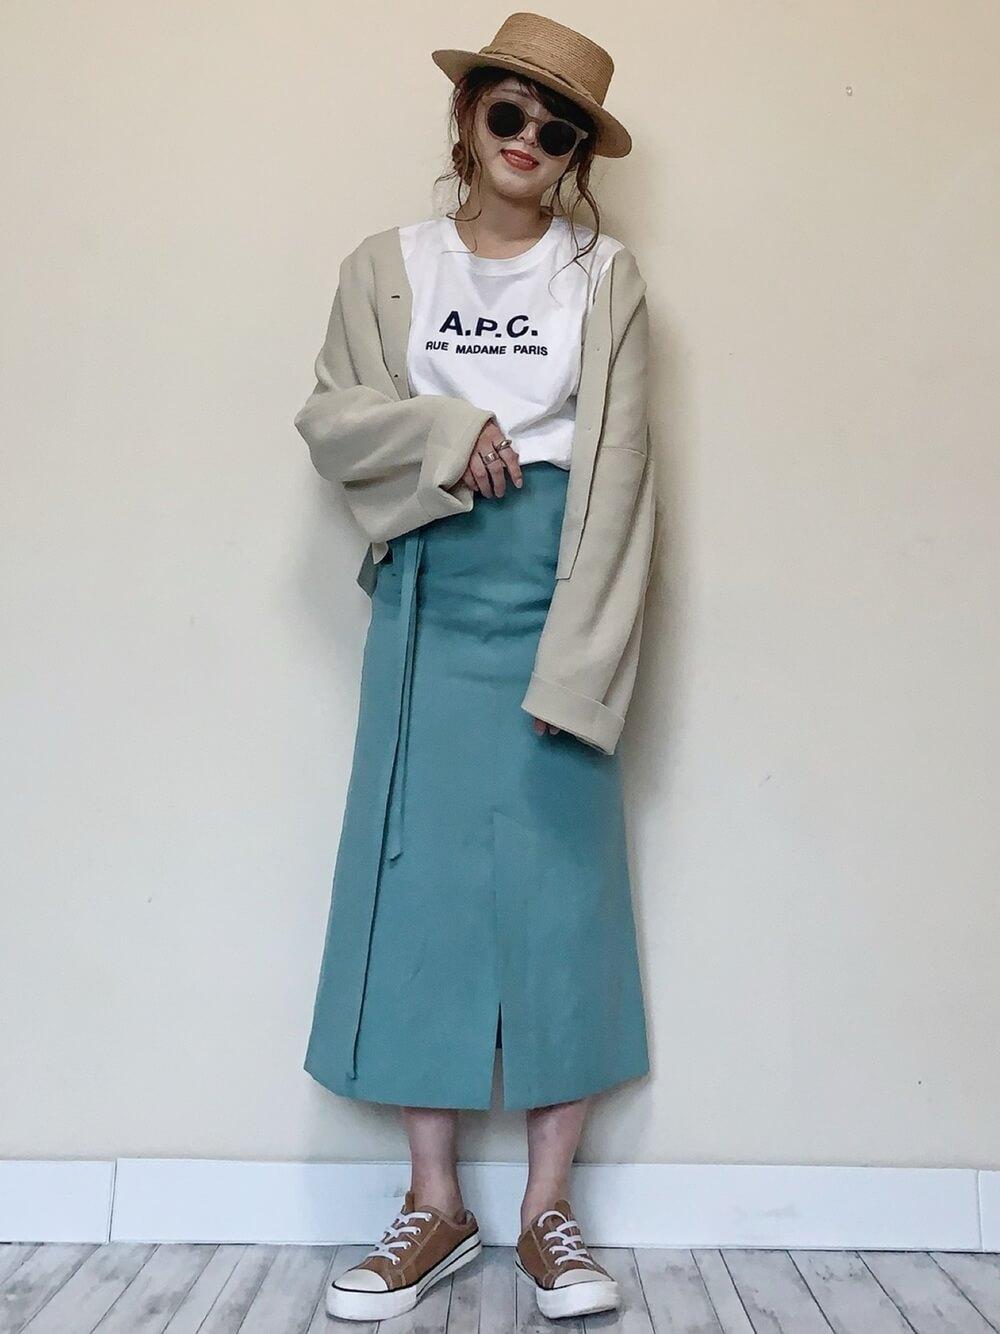 カンカン帽×ベージュのカーディガン×白のブランドTシャツ×ブルーのタイトスカート